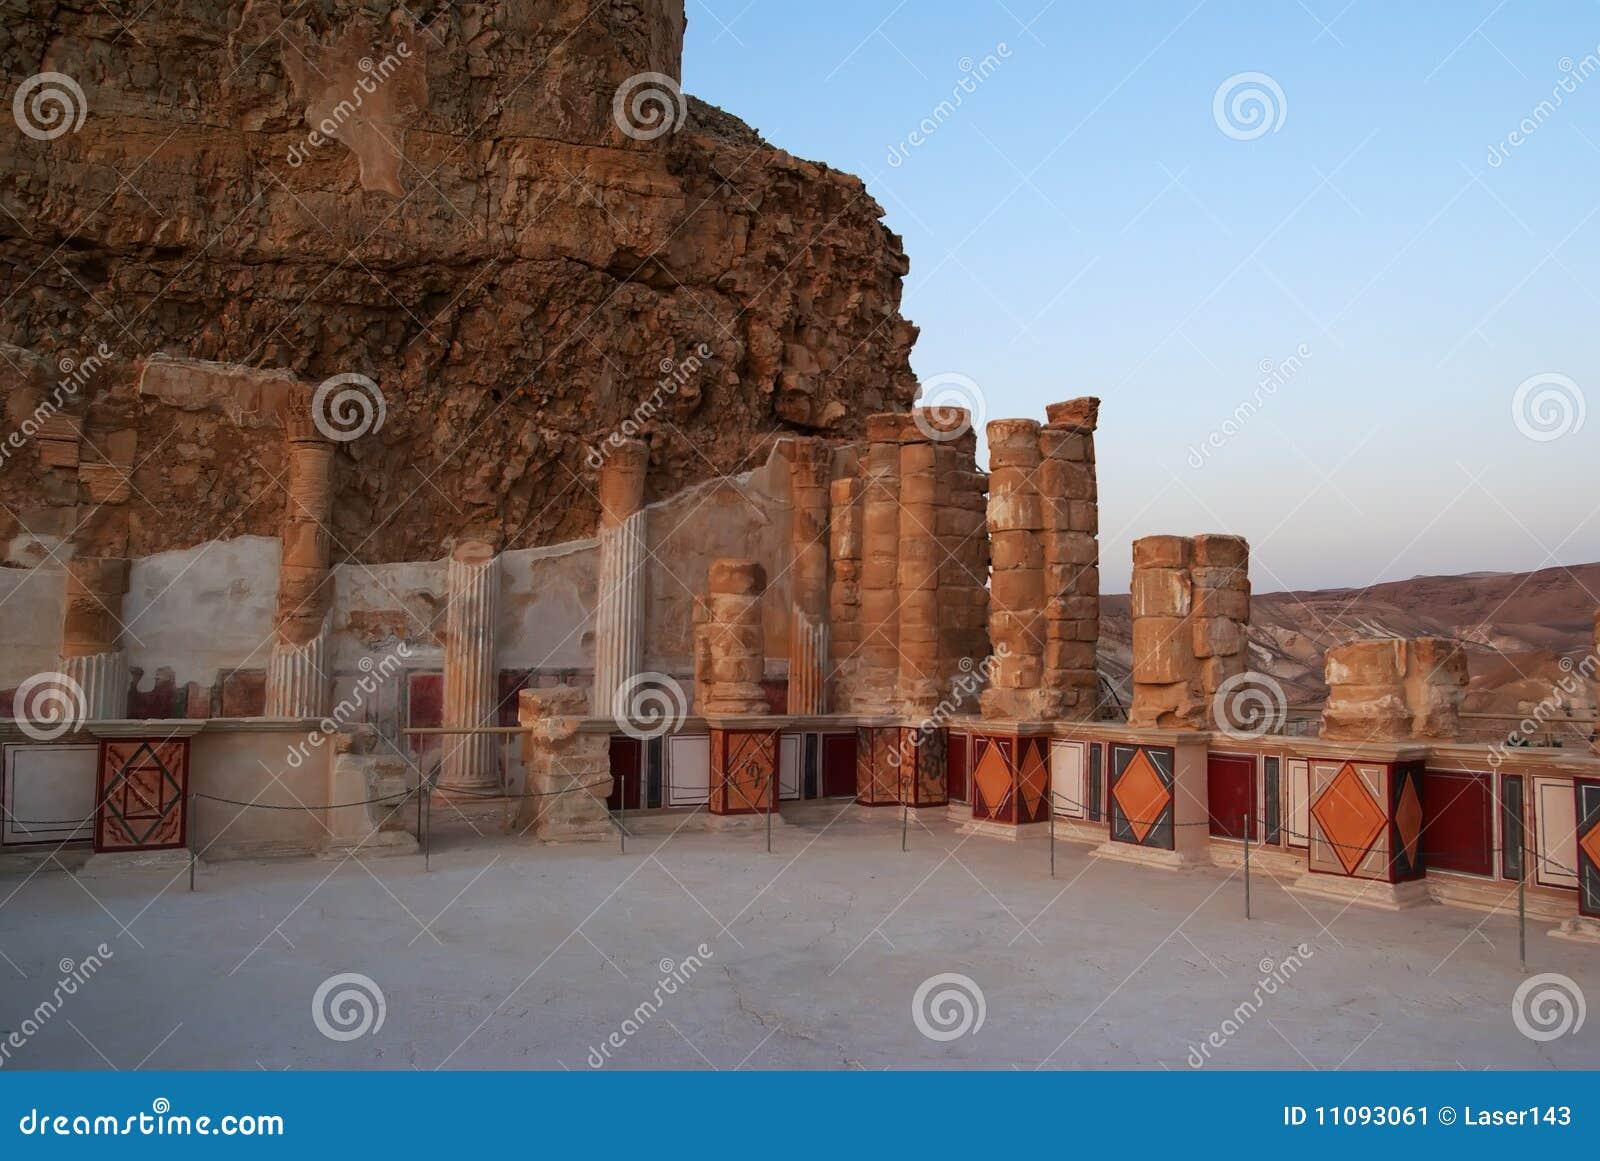 Palast des Königs Herods